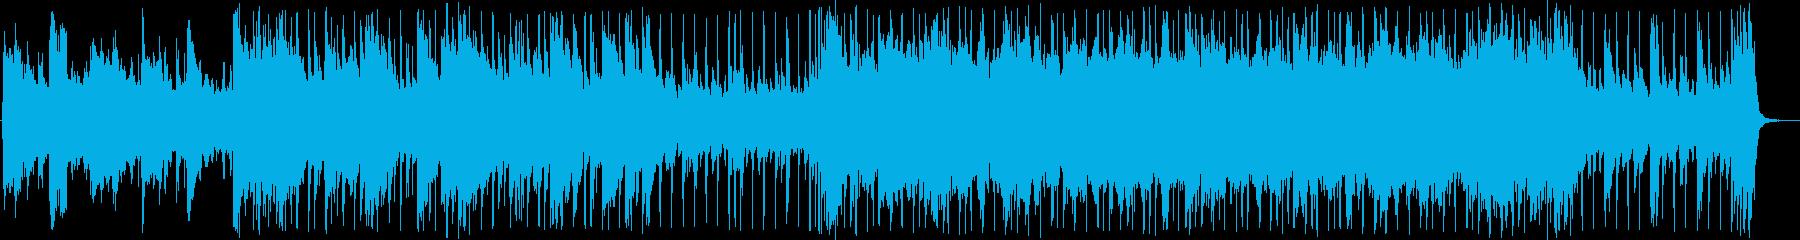 強敵との敗北バトル 踊る旋律ピアノロックの再生済みの波形